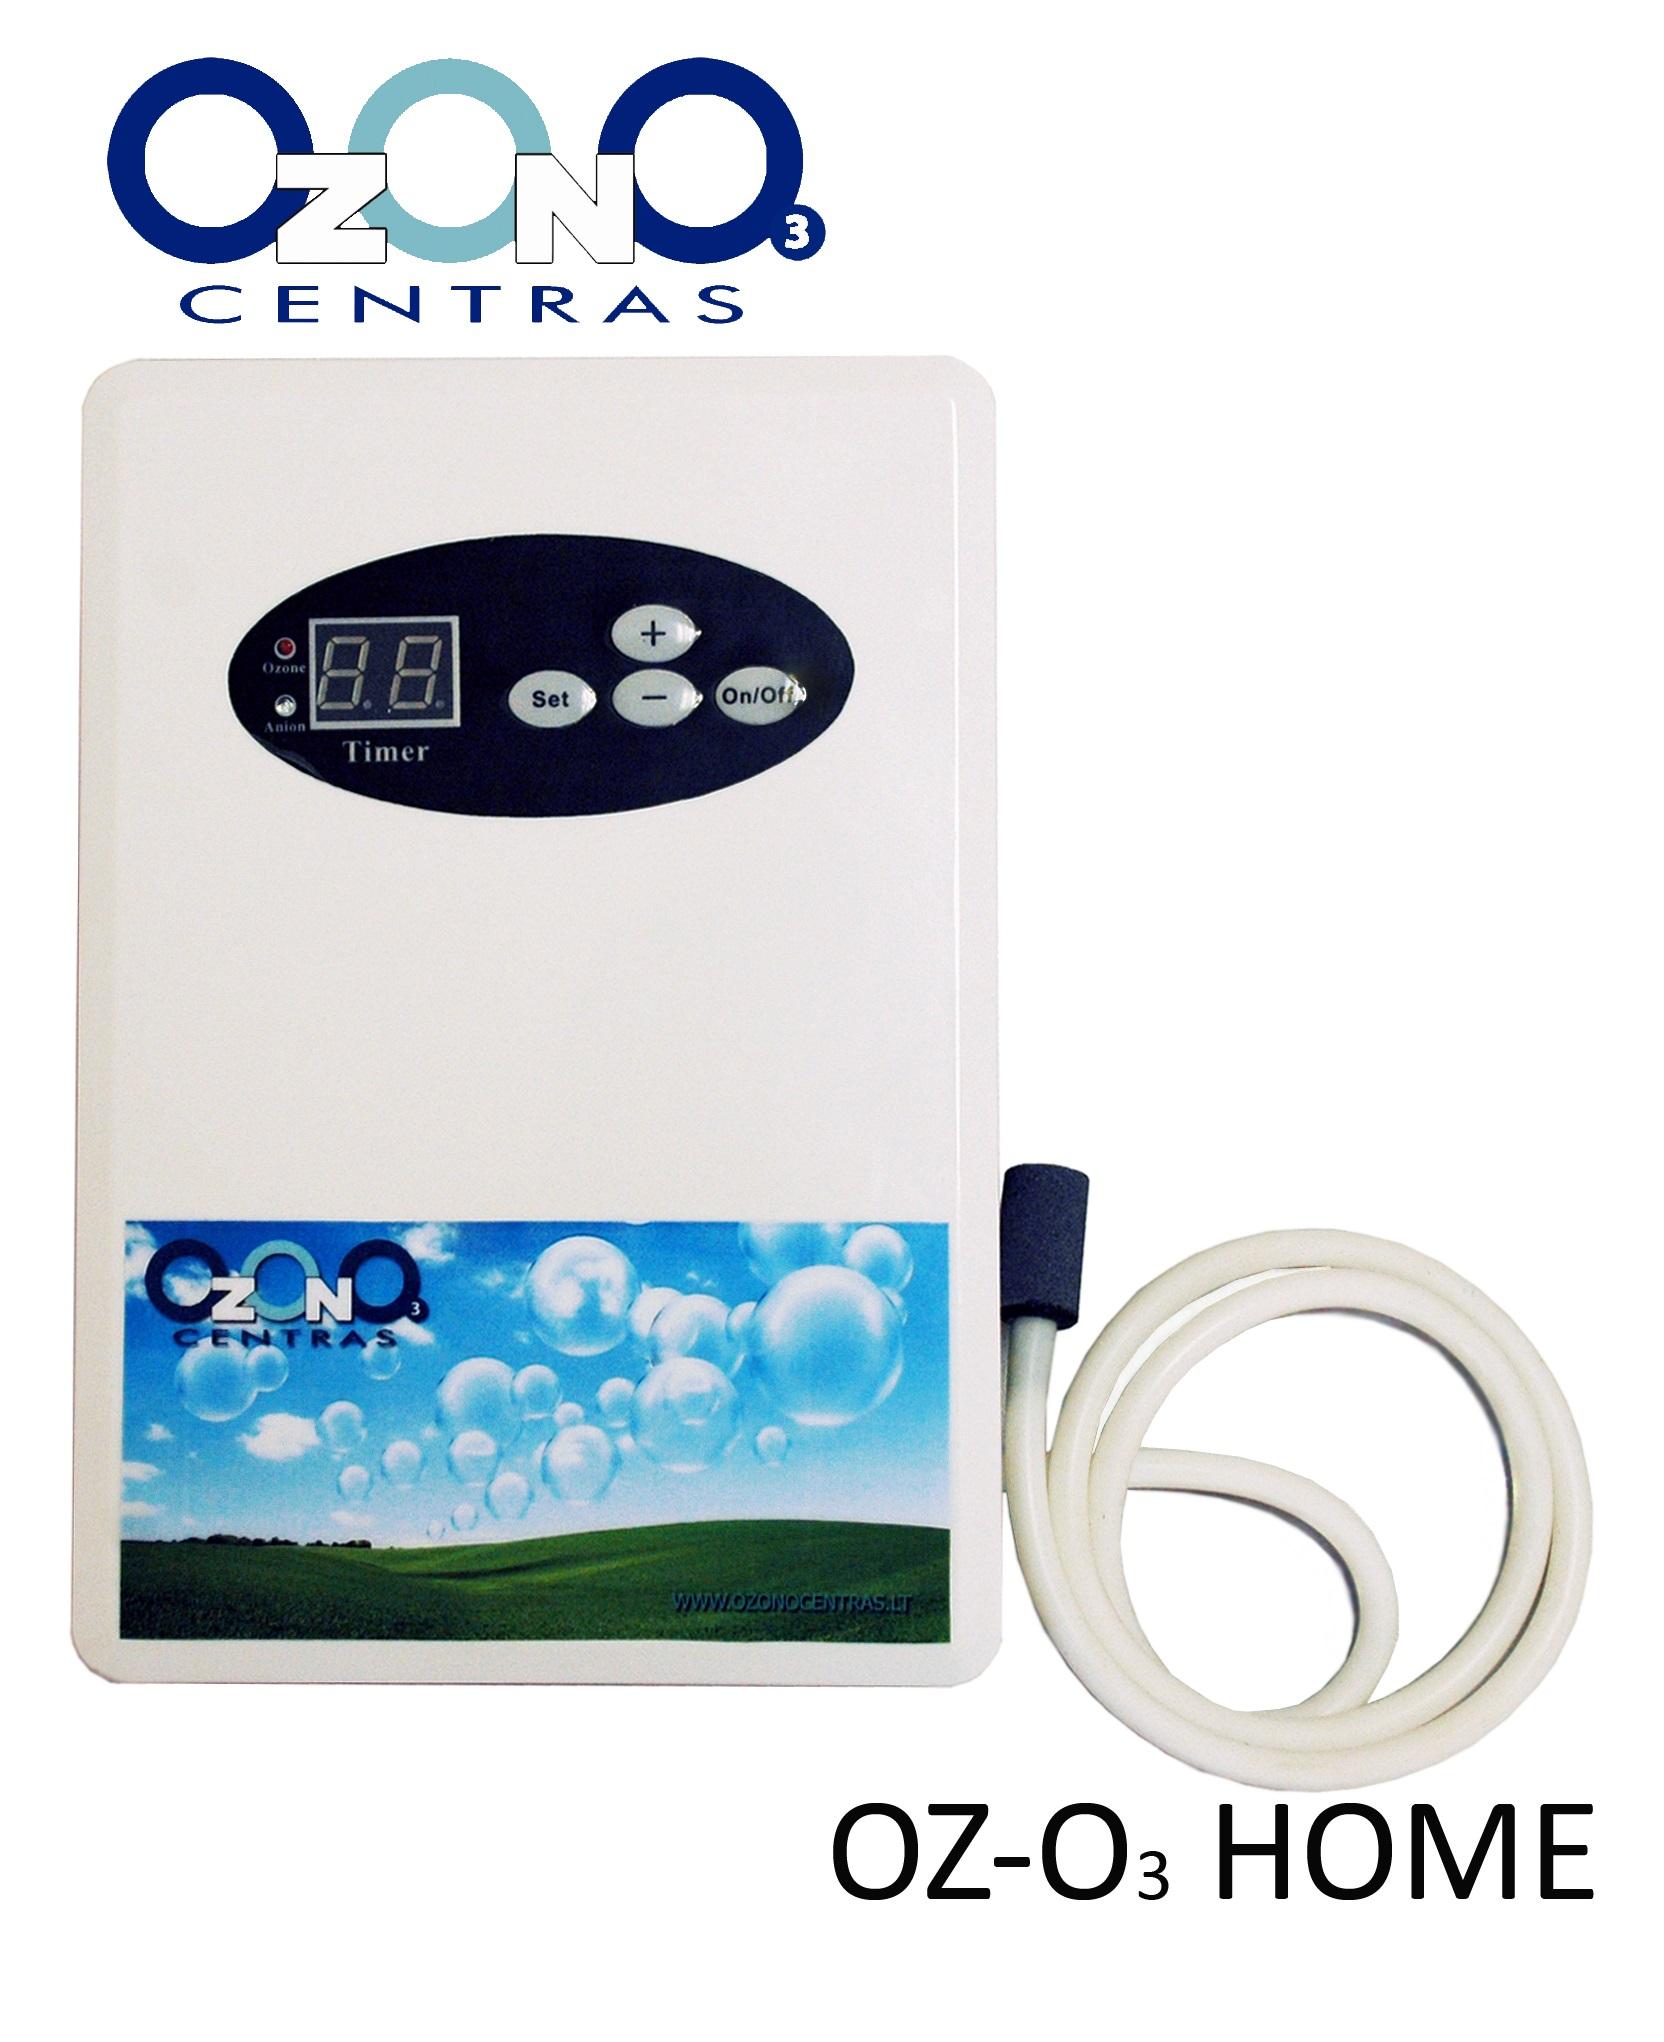 OZ-O3 HOME